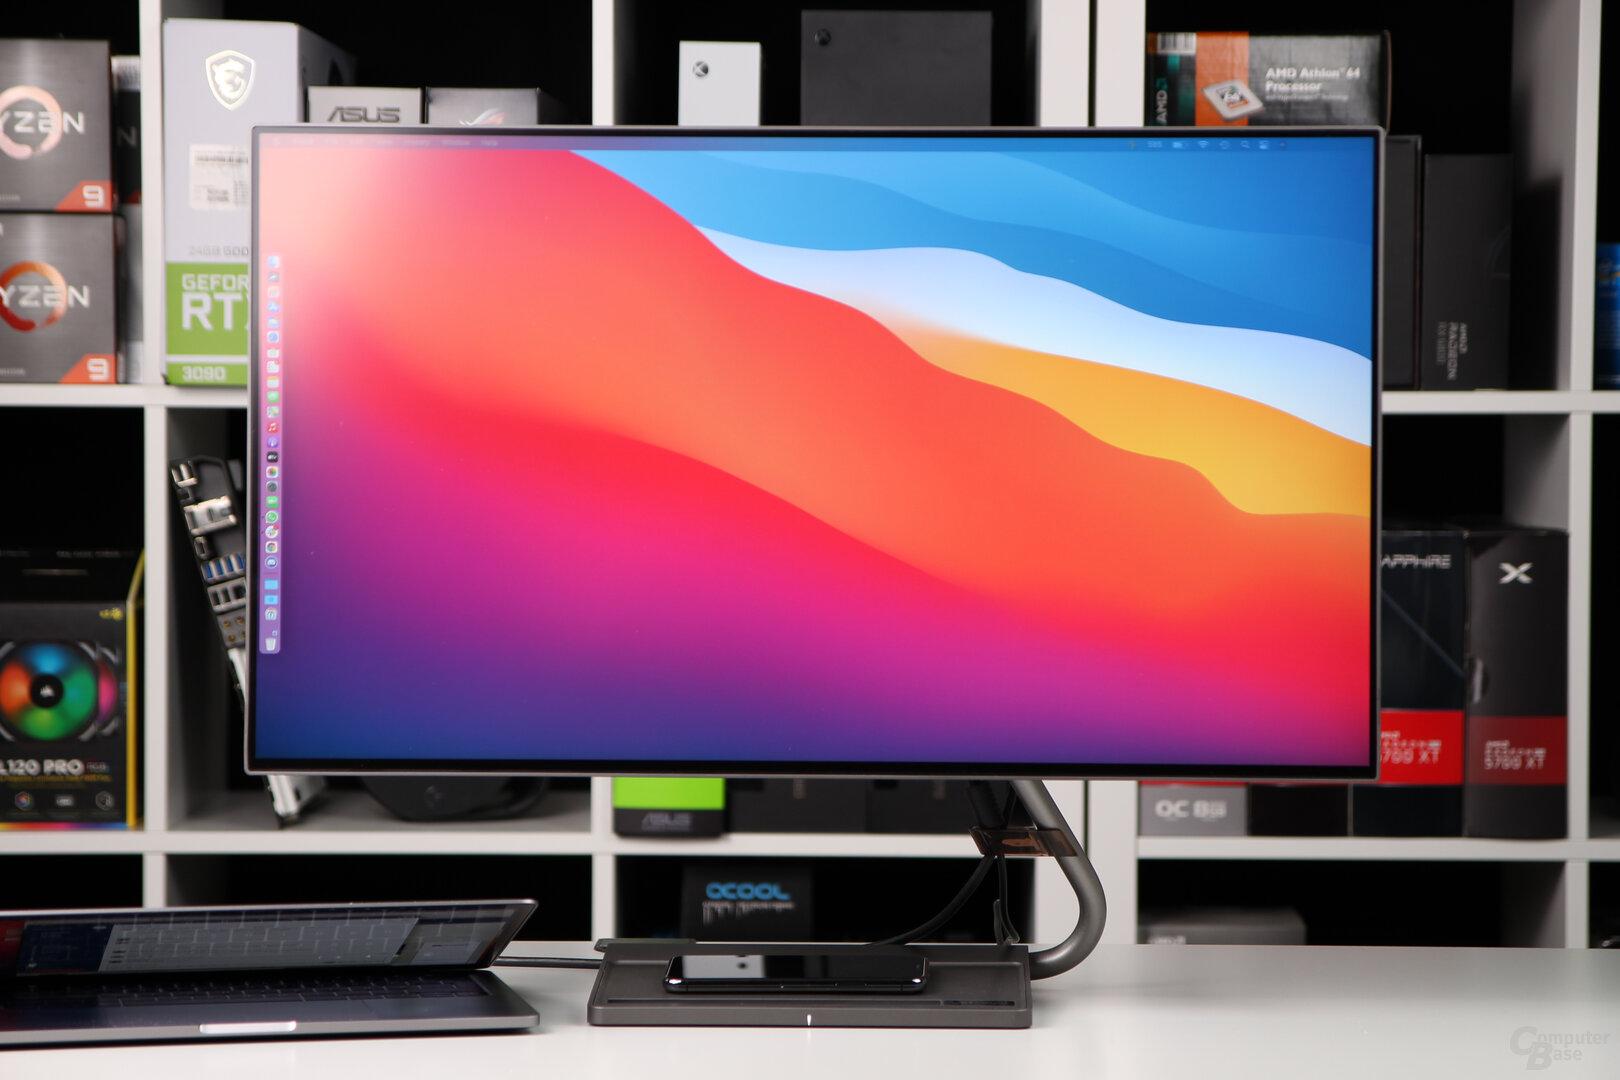 Lenovo Qreator 27: Gute Farben und scharfes Bild